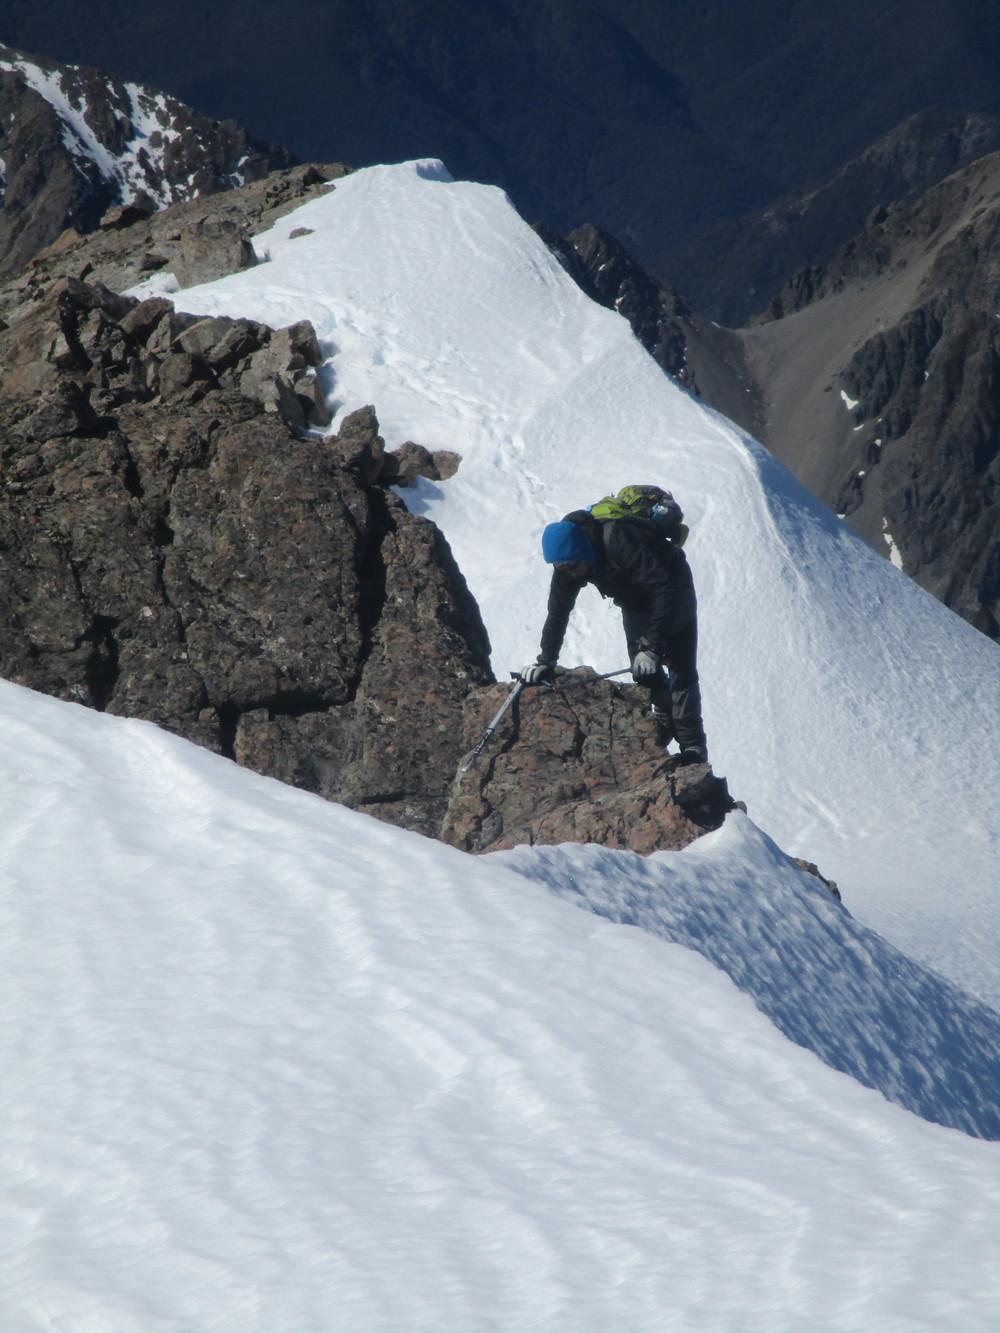 A tricky bit - Sergio on ridgeline of Mount Chittenden